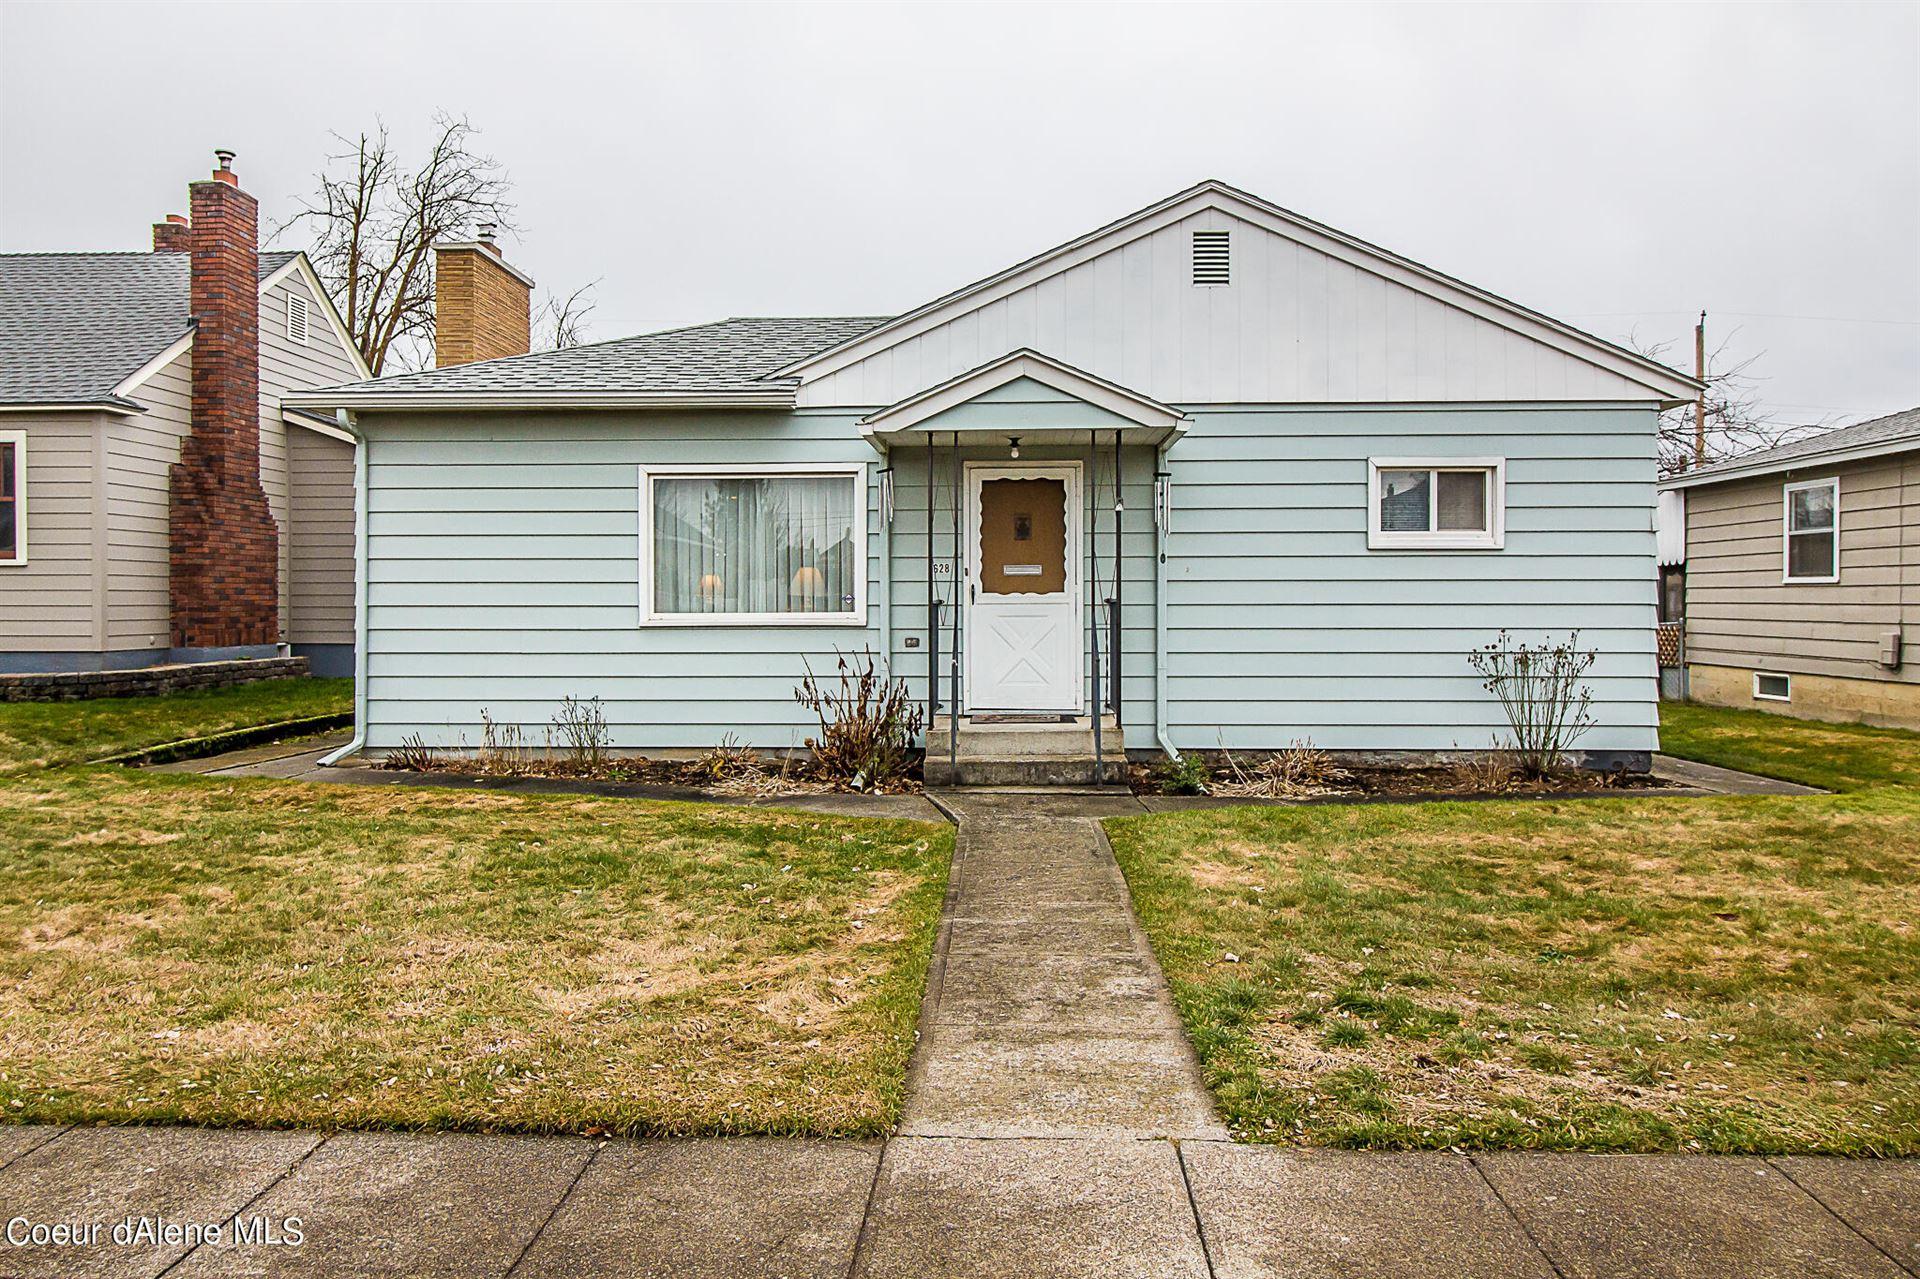 Photo of 1628 E Gordon Ave, Spokane, WA 99207 (MLS # 21-1355)